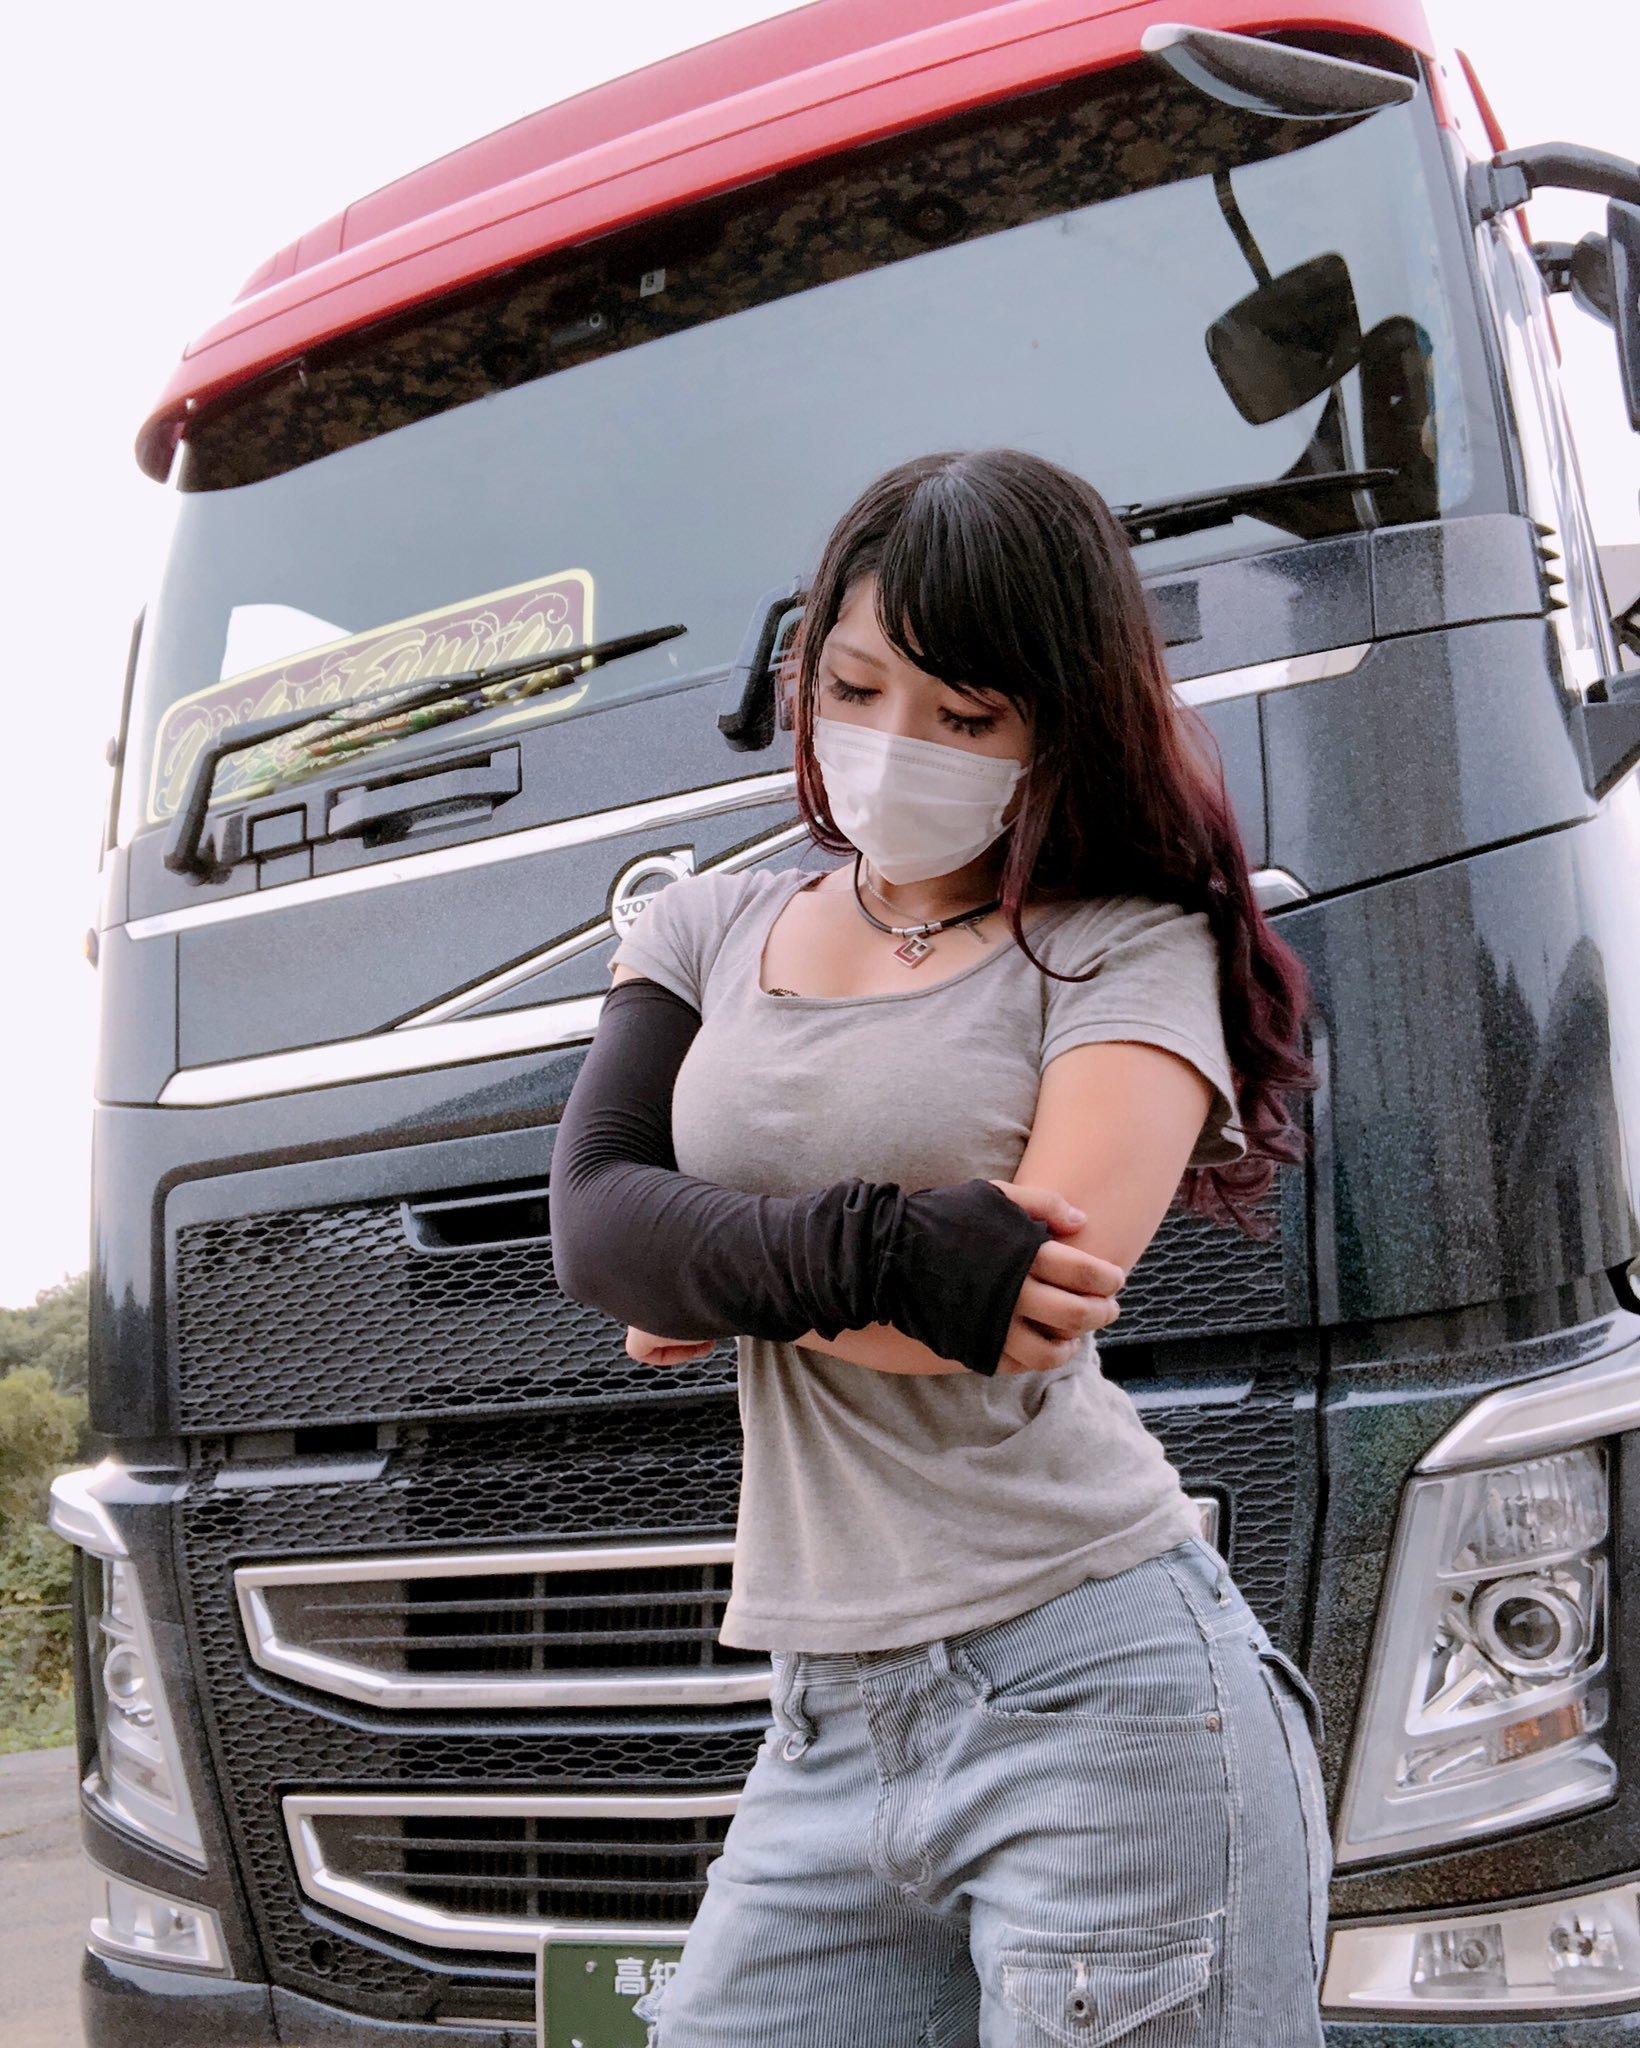 トラック運転手のまんさん、巨乳過ぎておっぱいがエッチすぎるwwwwwwwwwwwwwwww ySAoBry